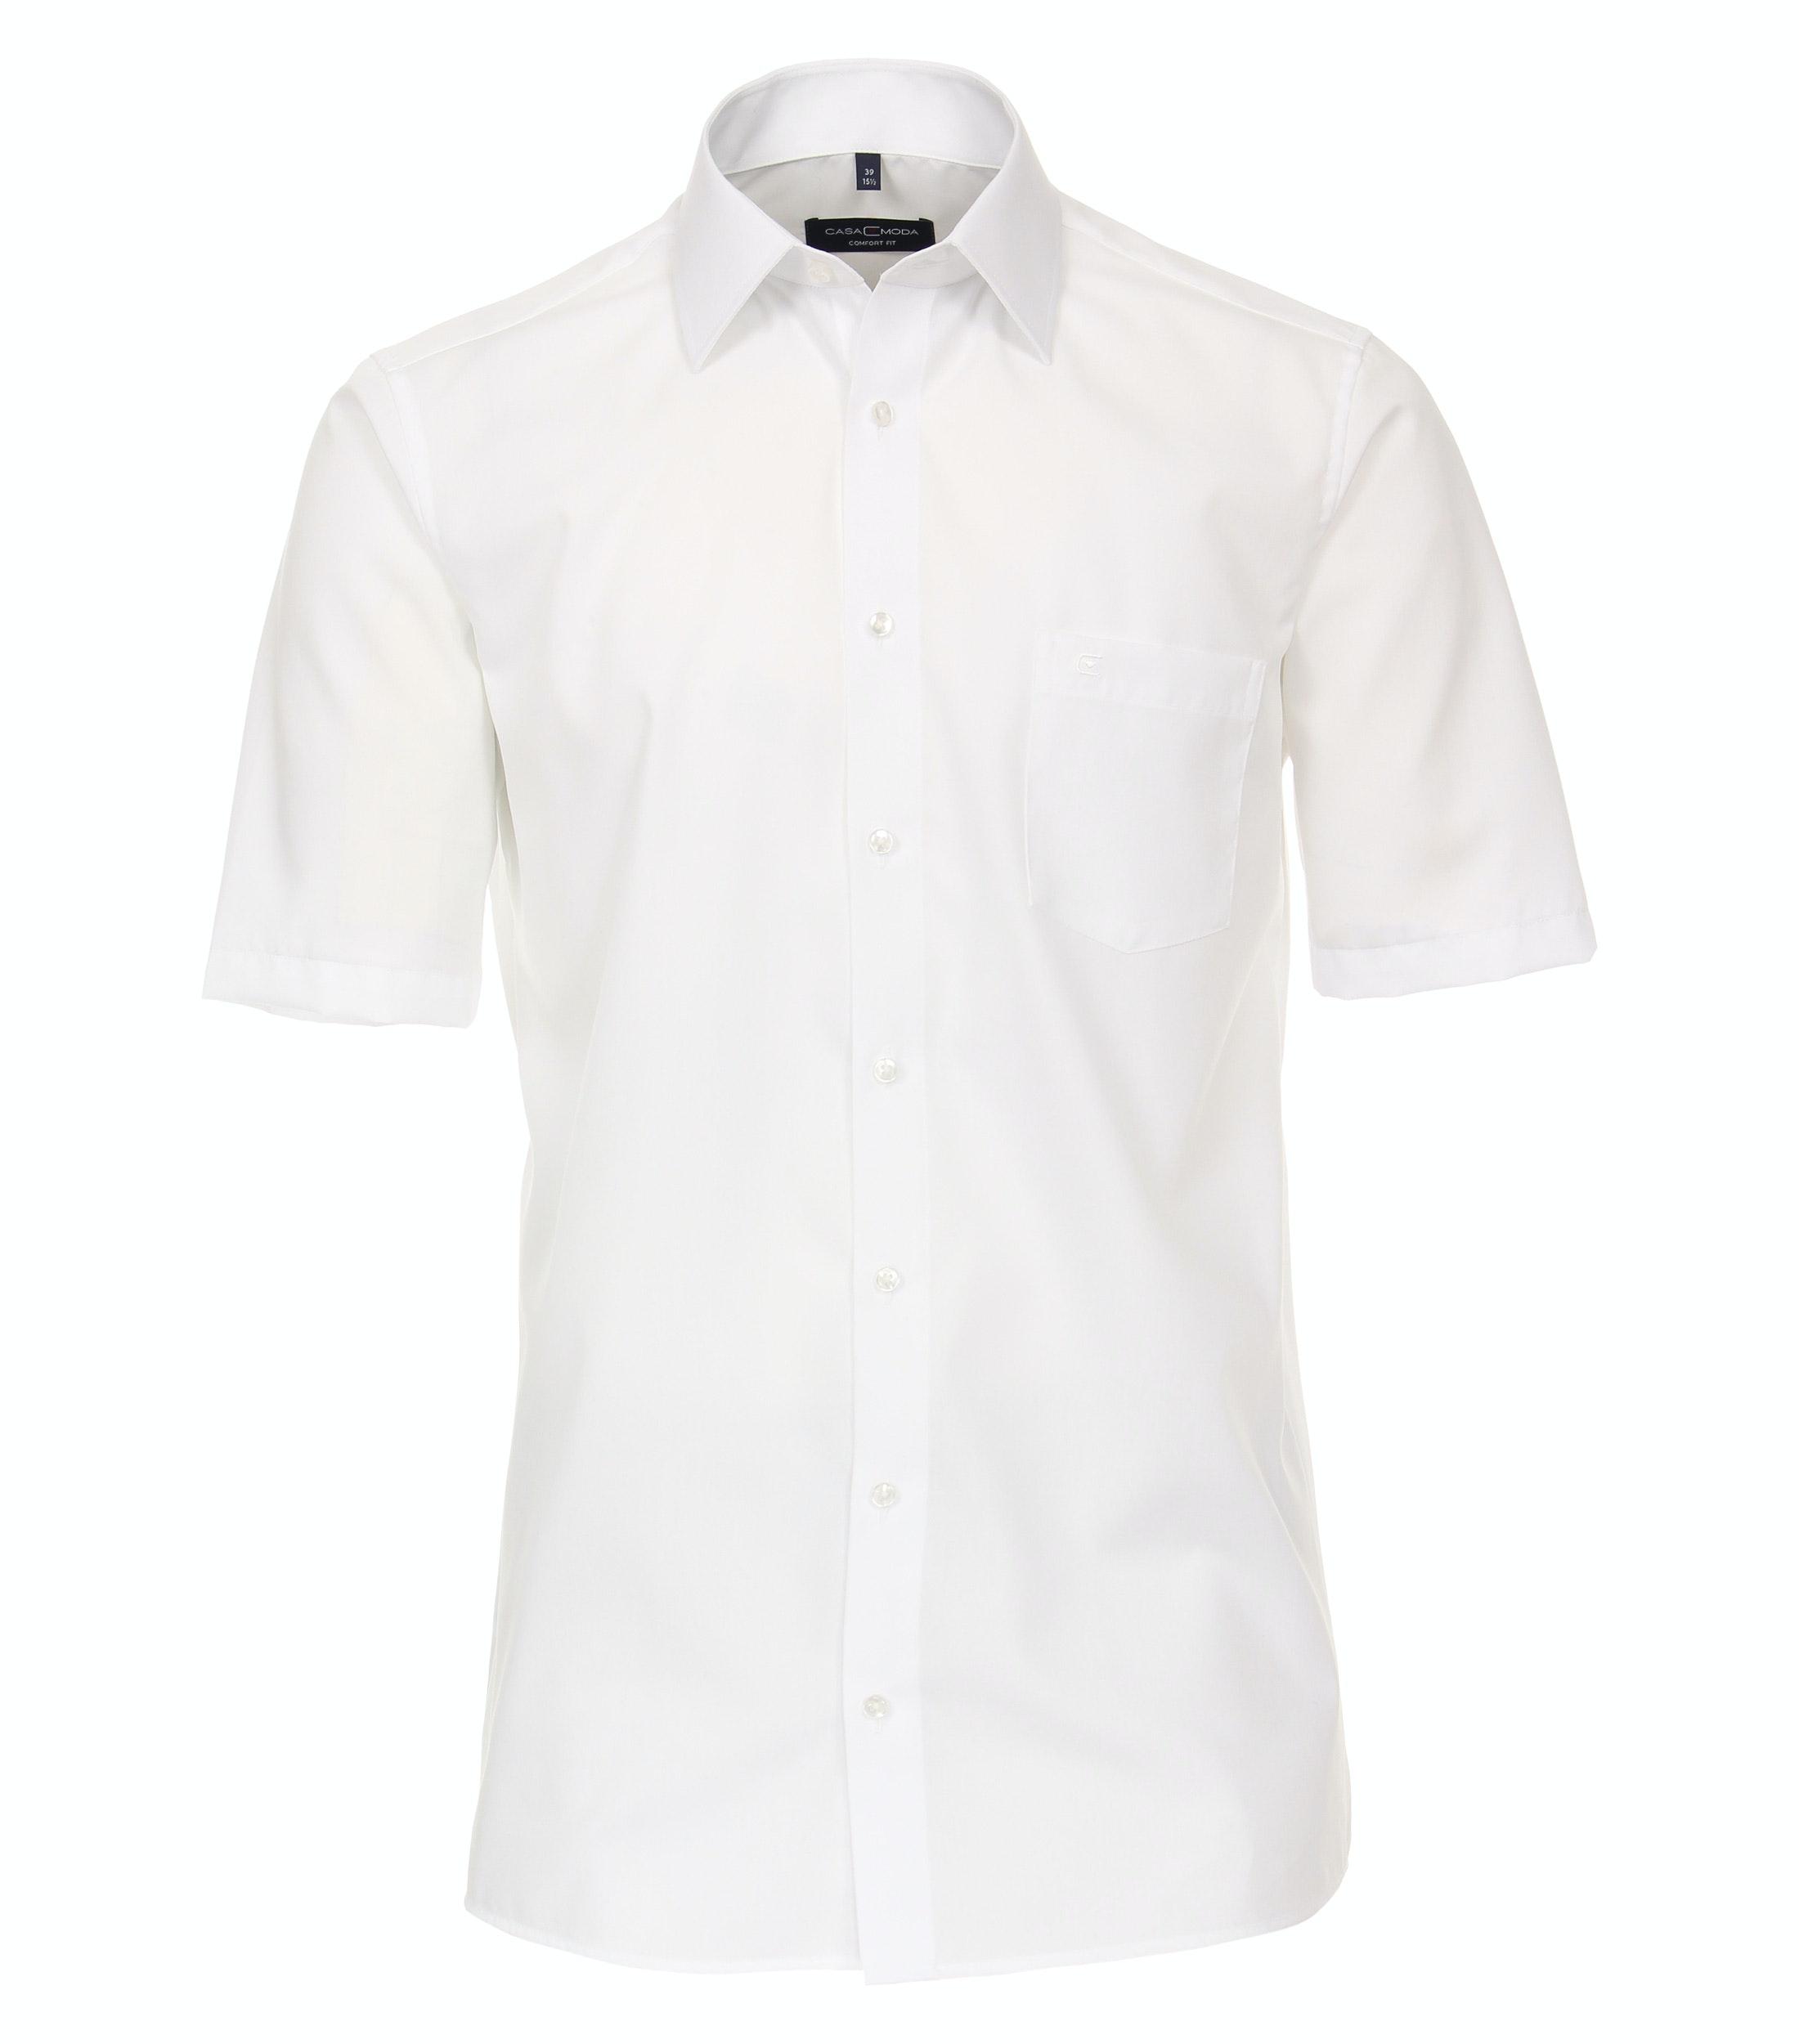 CasaModa kurzarm Businesshemd aus Baumwolle, weiß